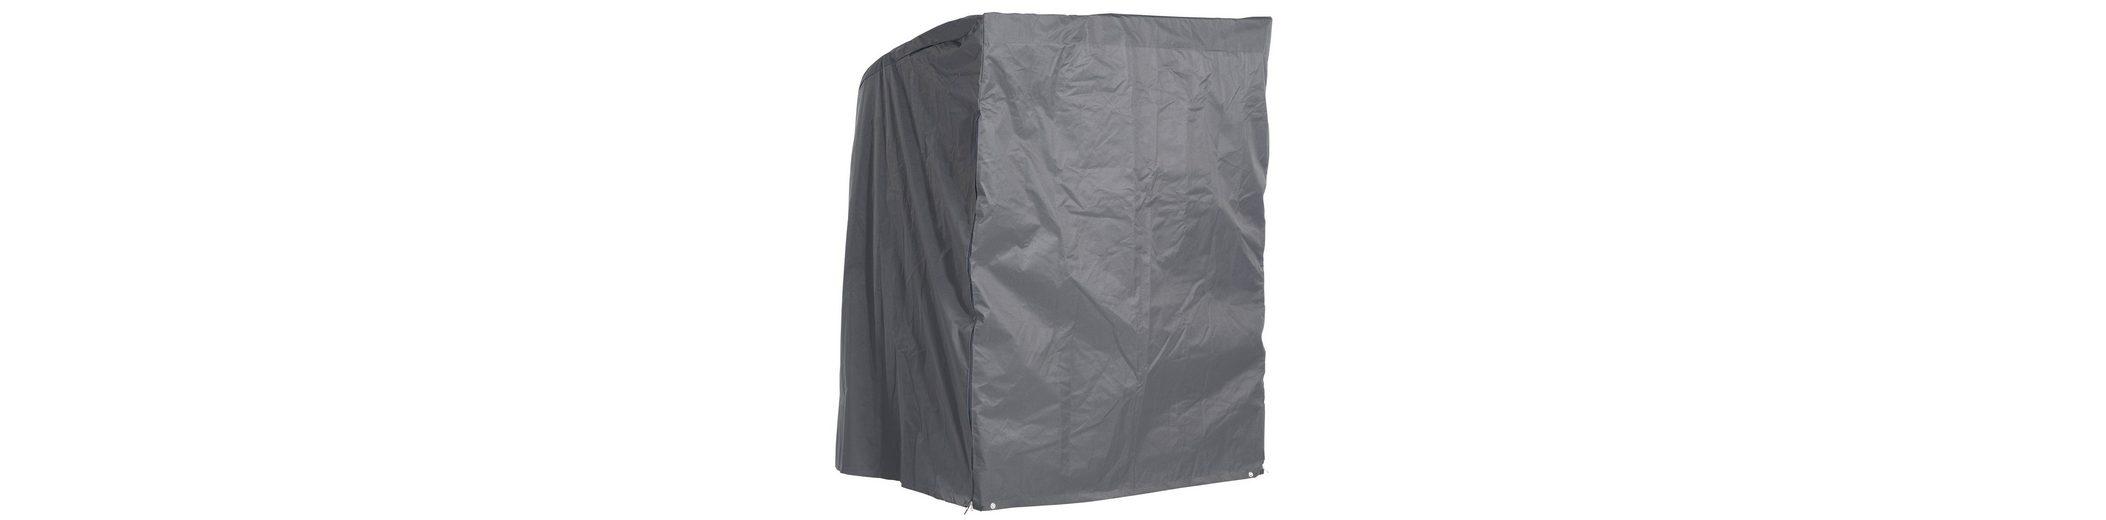 Strandkorb Schutzhülle für 2-Sitzer XL, Anthrazit